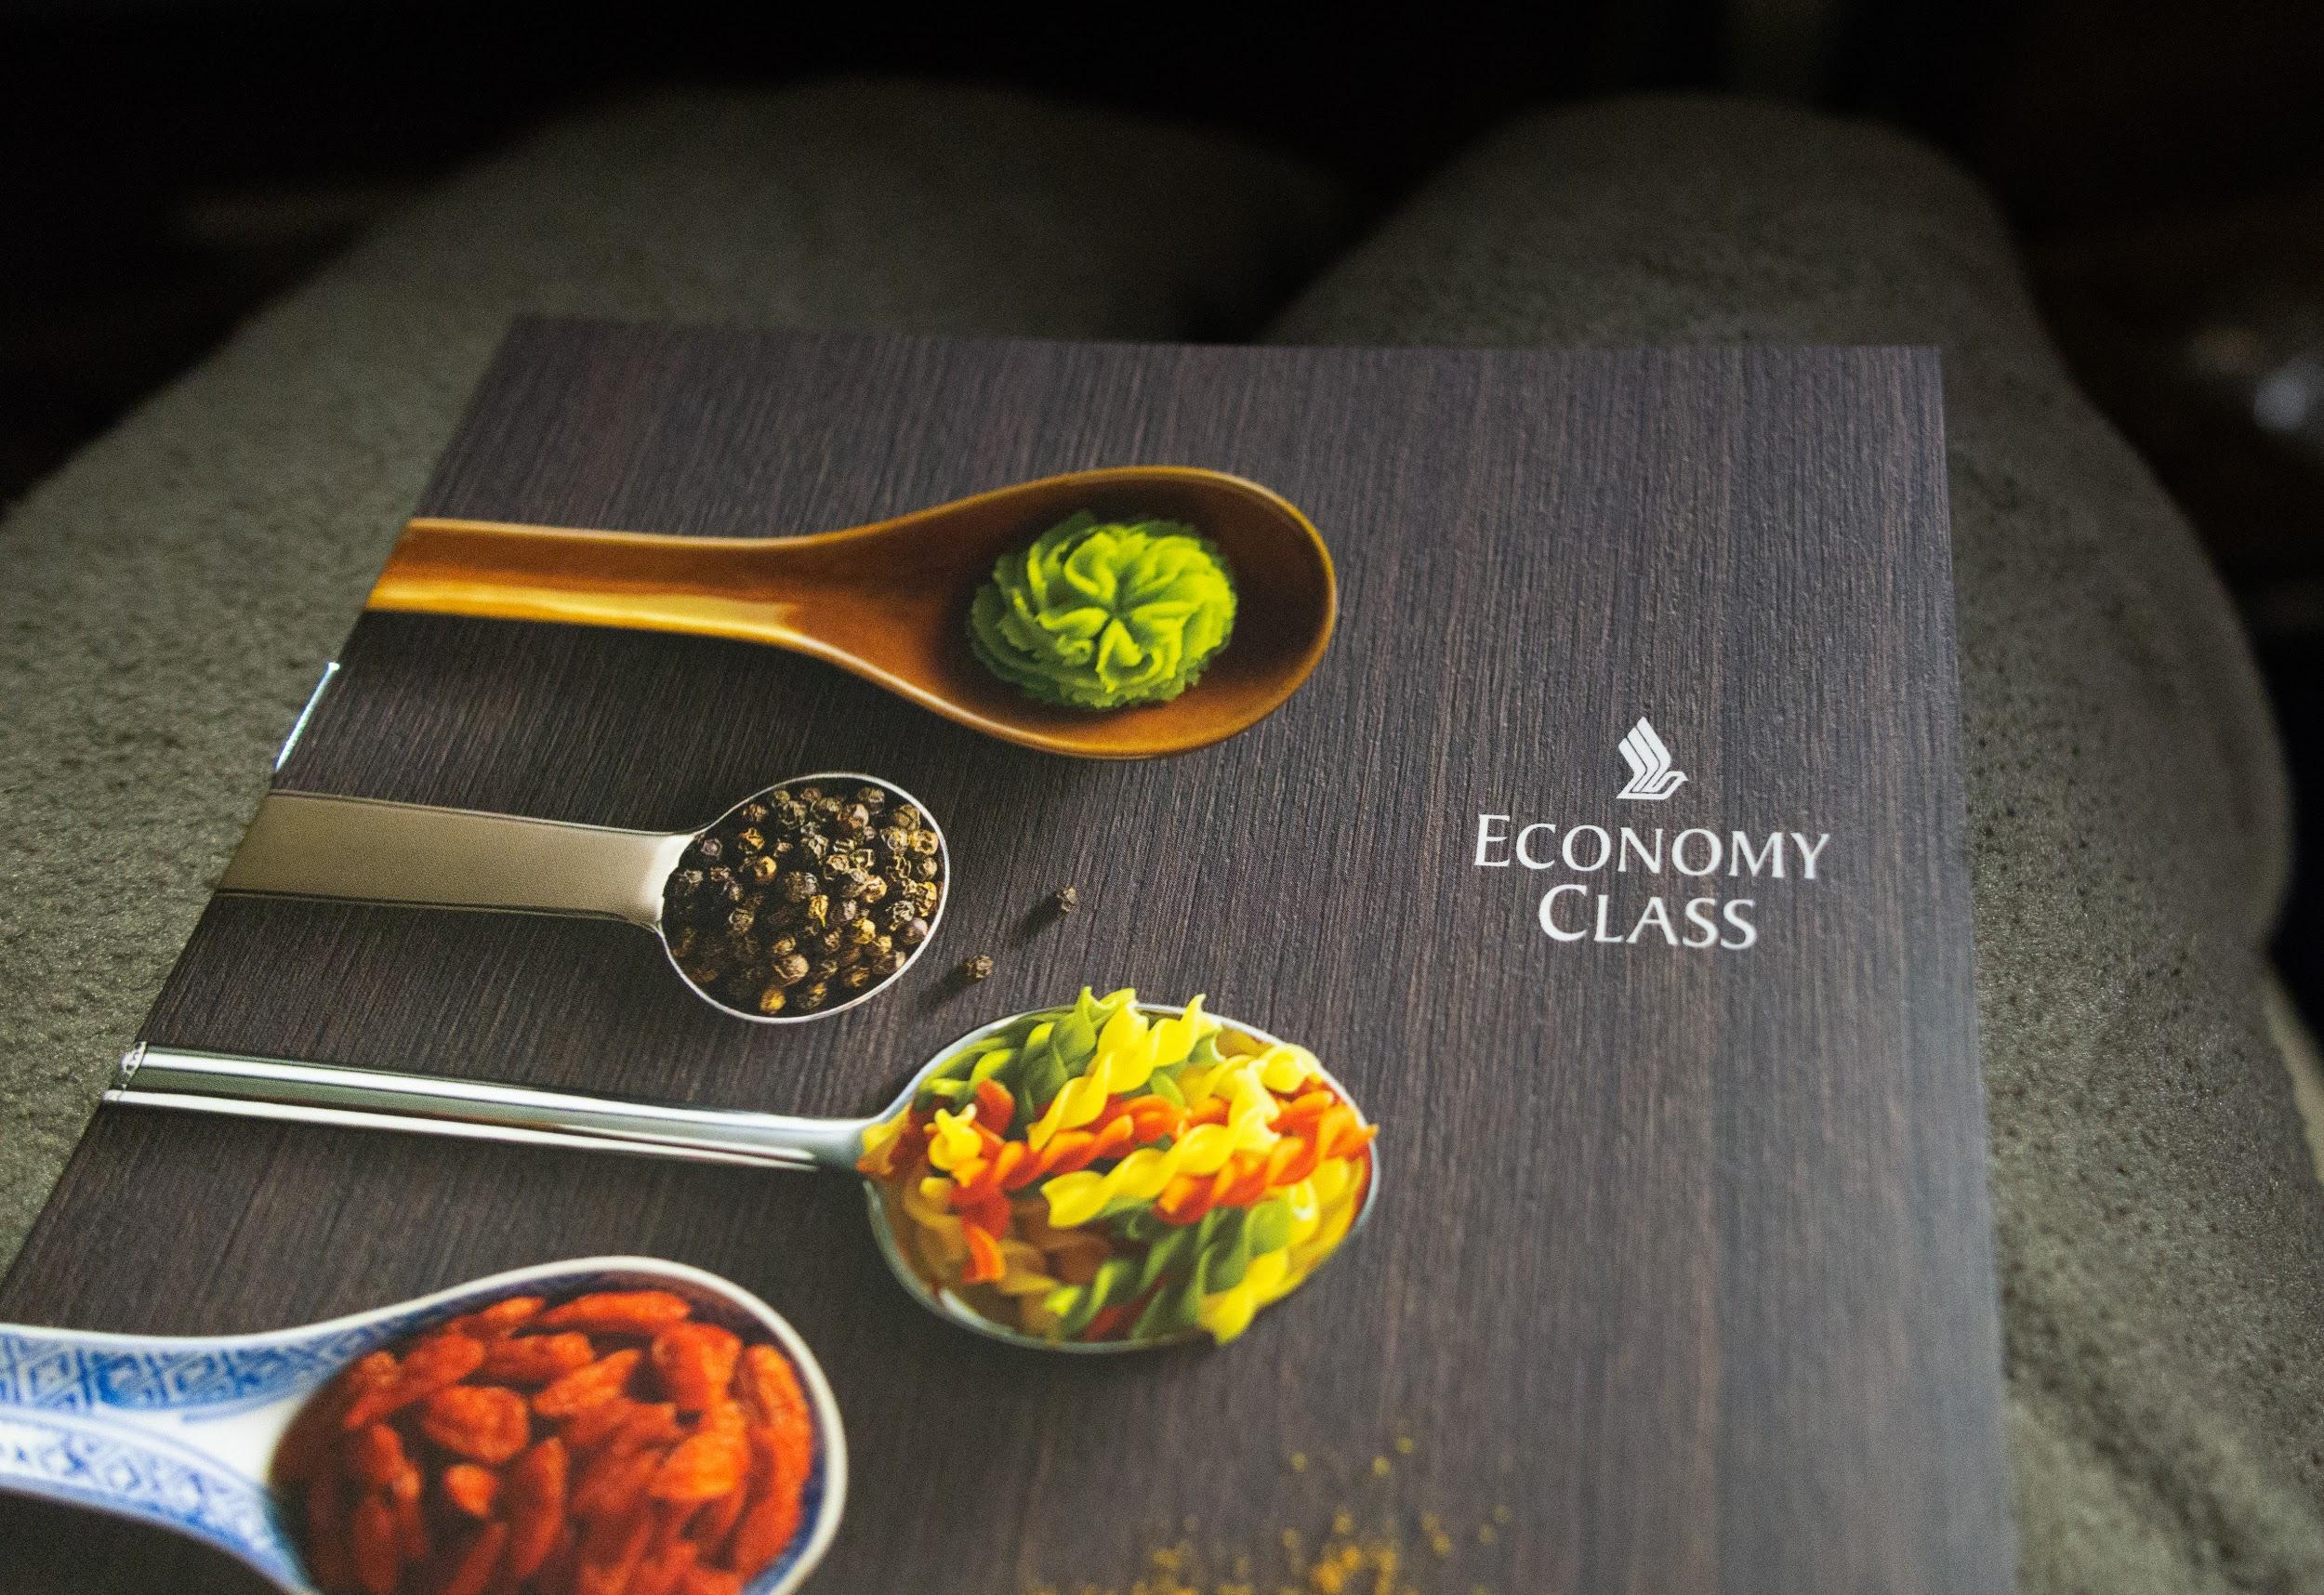 Singapore Airlines A350 Economy class menu